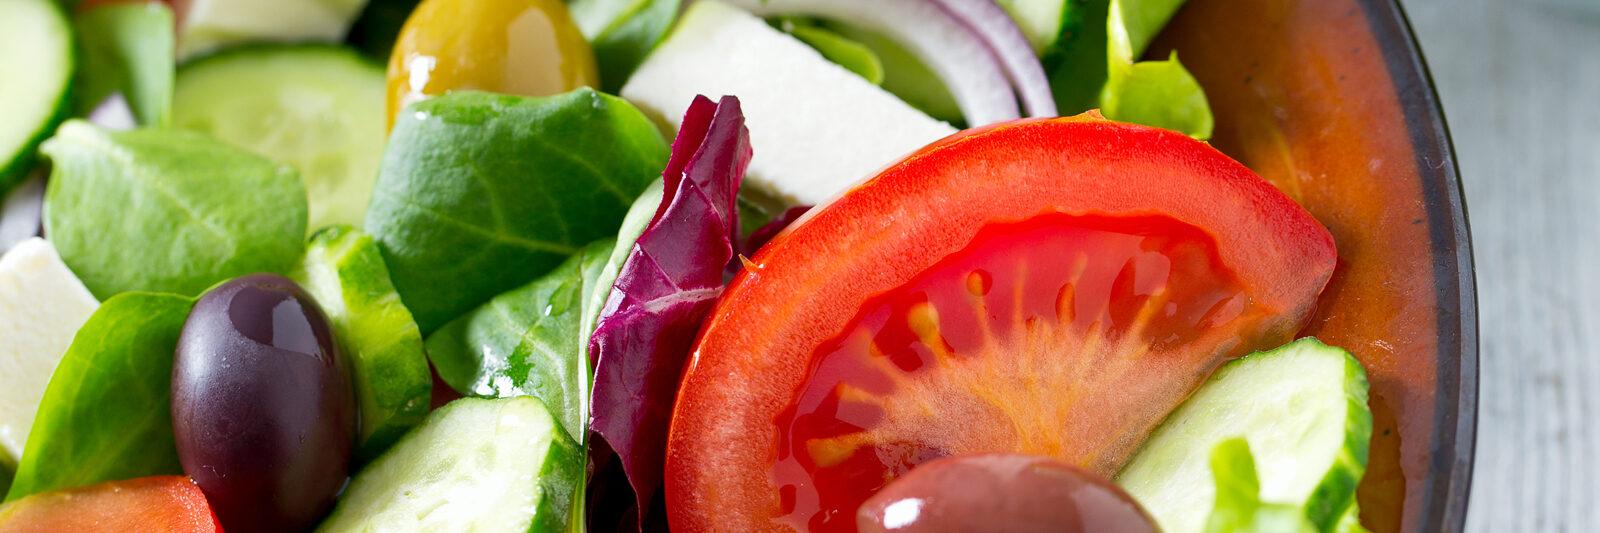 BrasstownValleyResort Header Salad